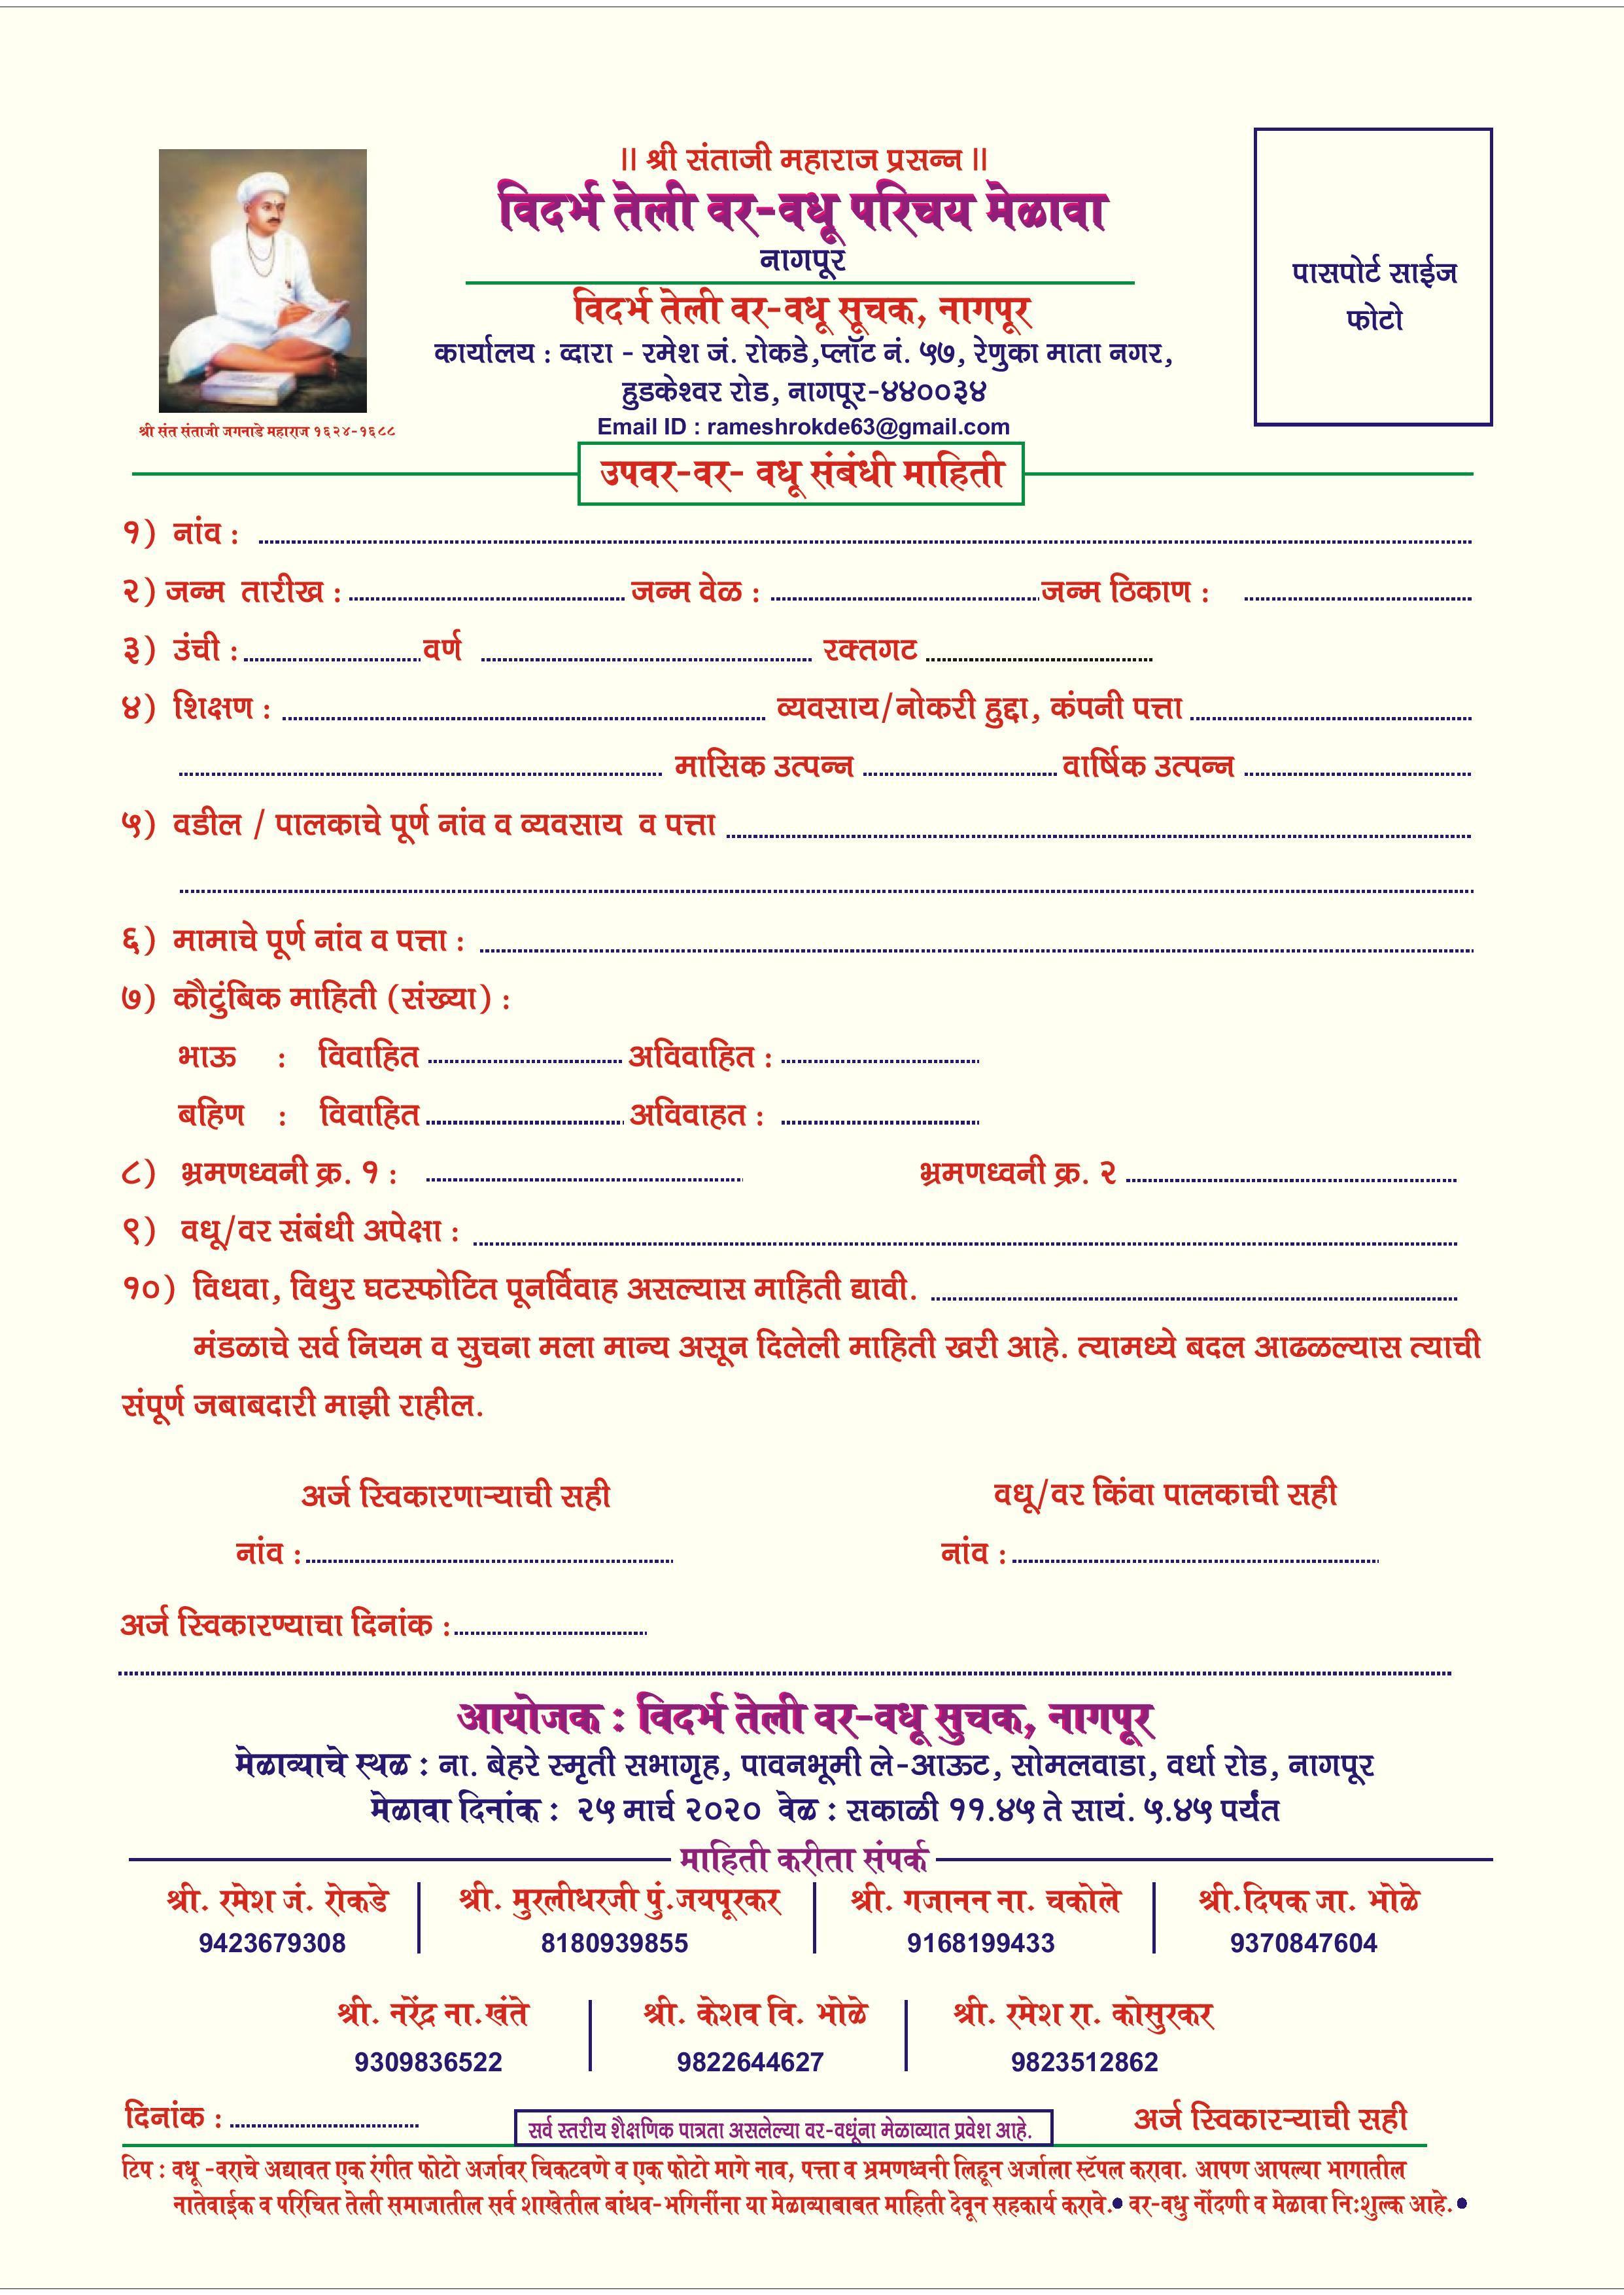 Vidarbha Teli Samaj Vadhu - var Parichay Melava form Nagpur